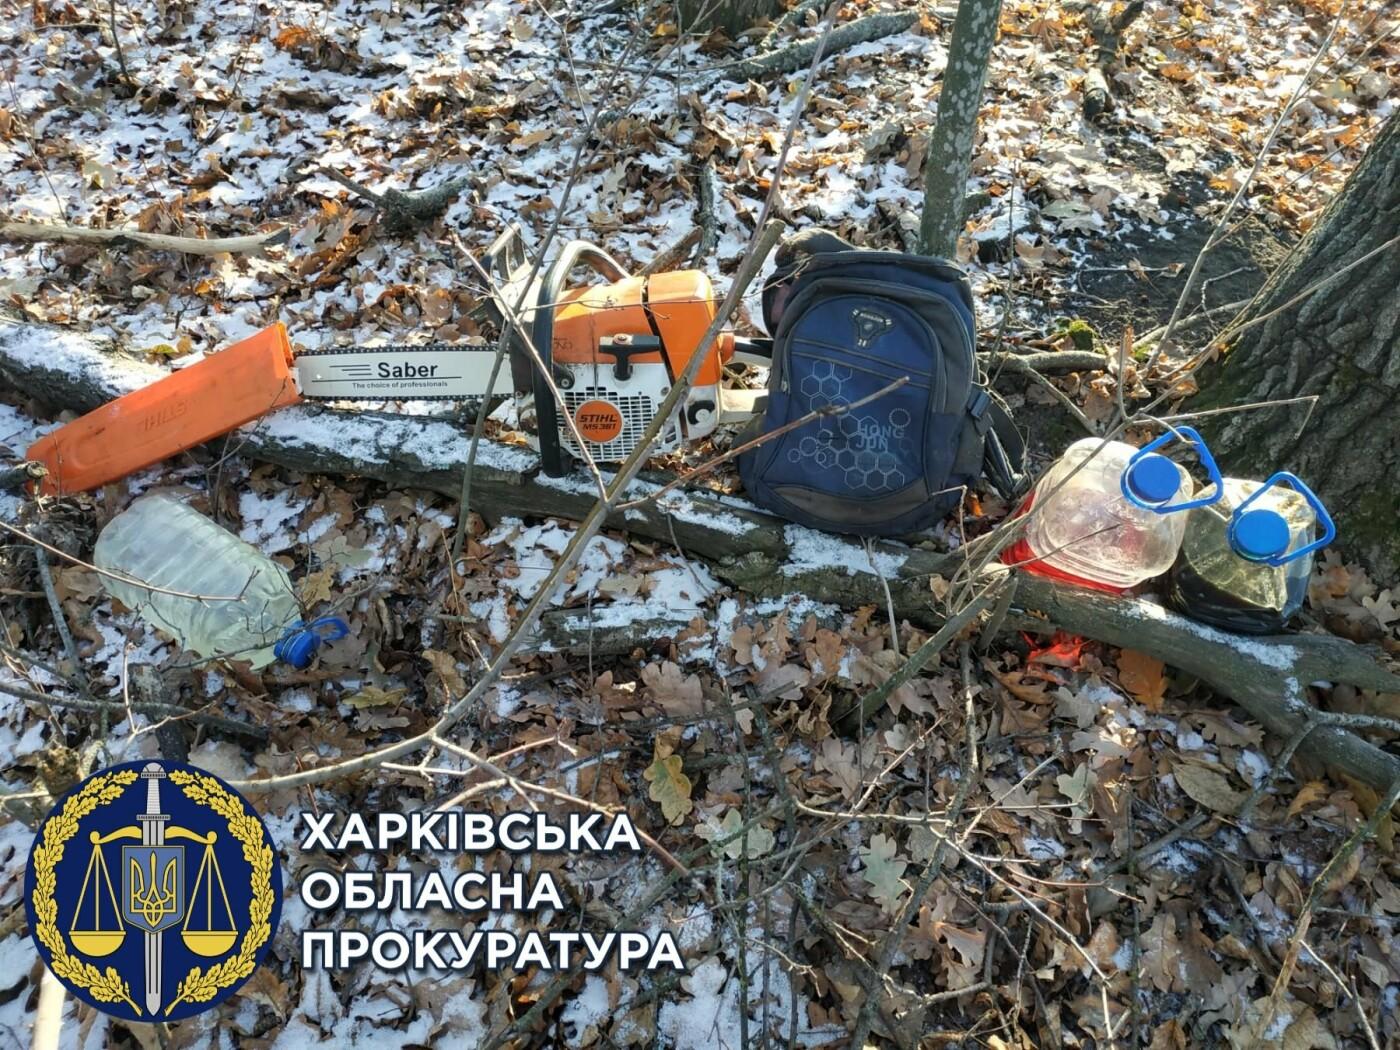 """На Харьковщине будут судить двух """"черных лесорубов"""", уничтоживших деревьев на 750 тысяч гривен, - ФОТО, фото-2"""